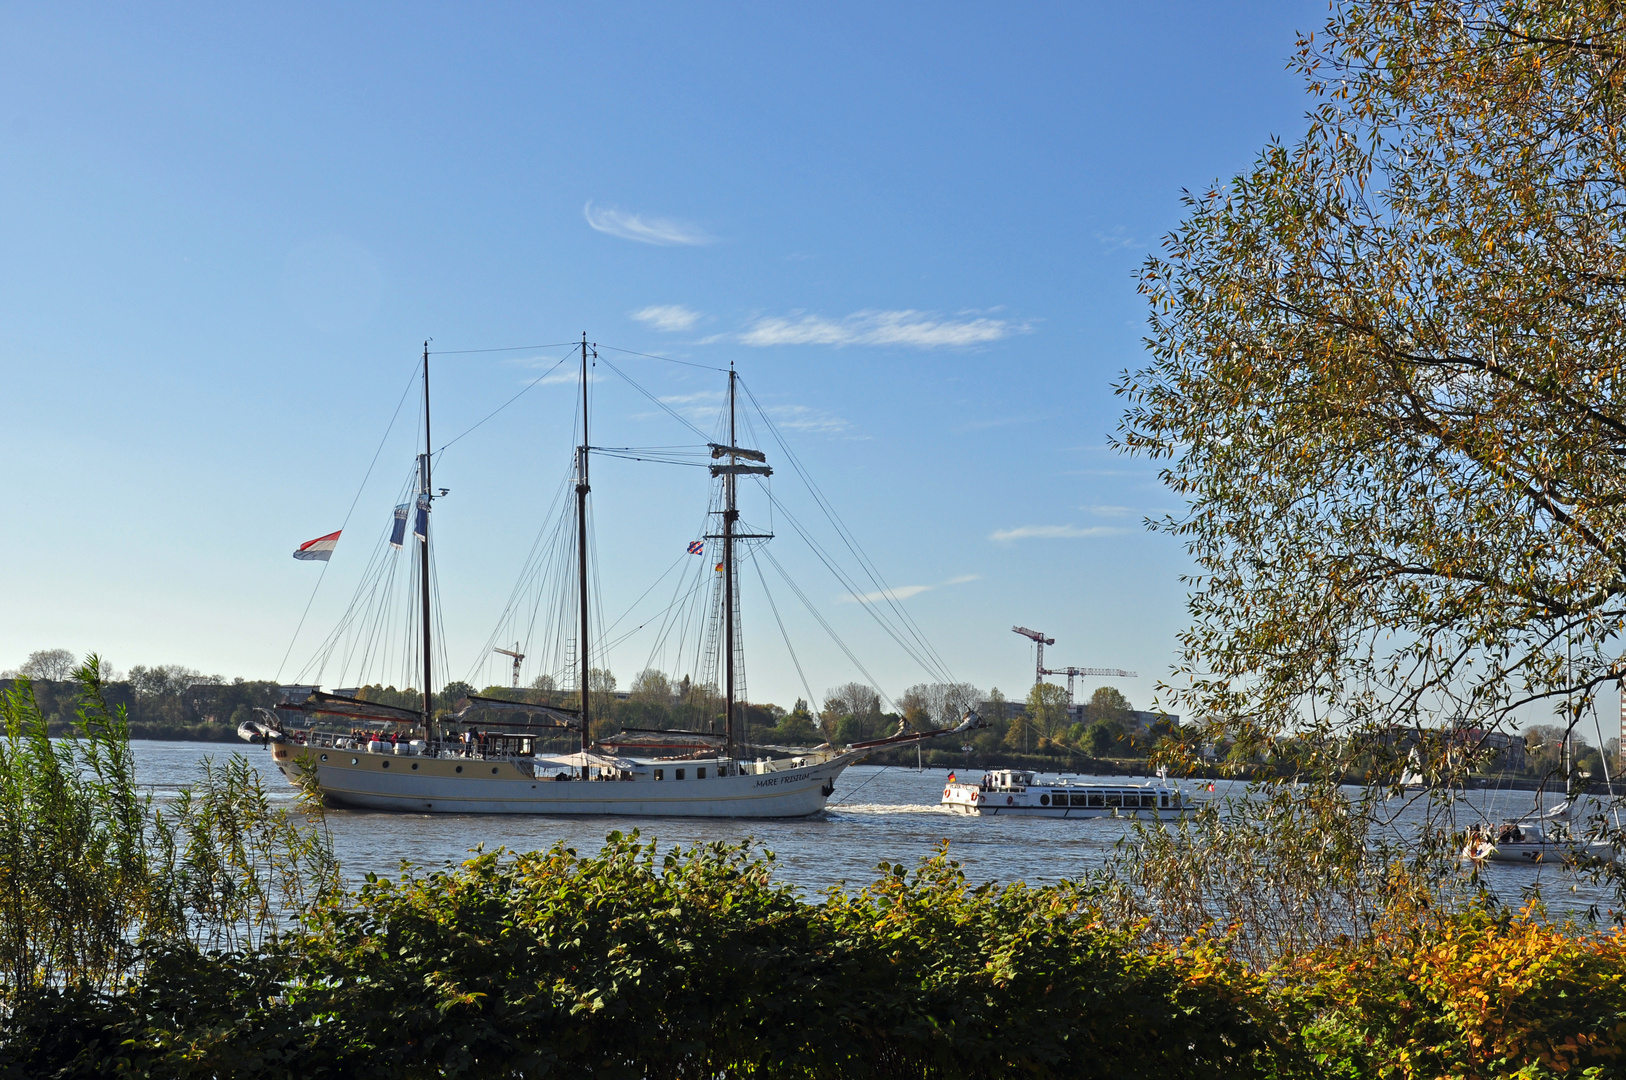 Herbst an der Elbe 2